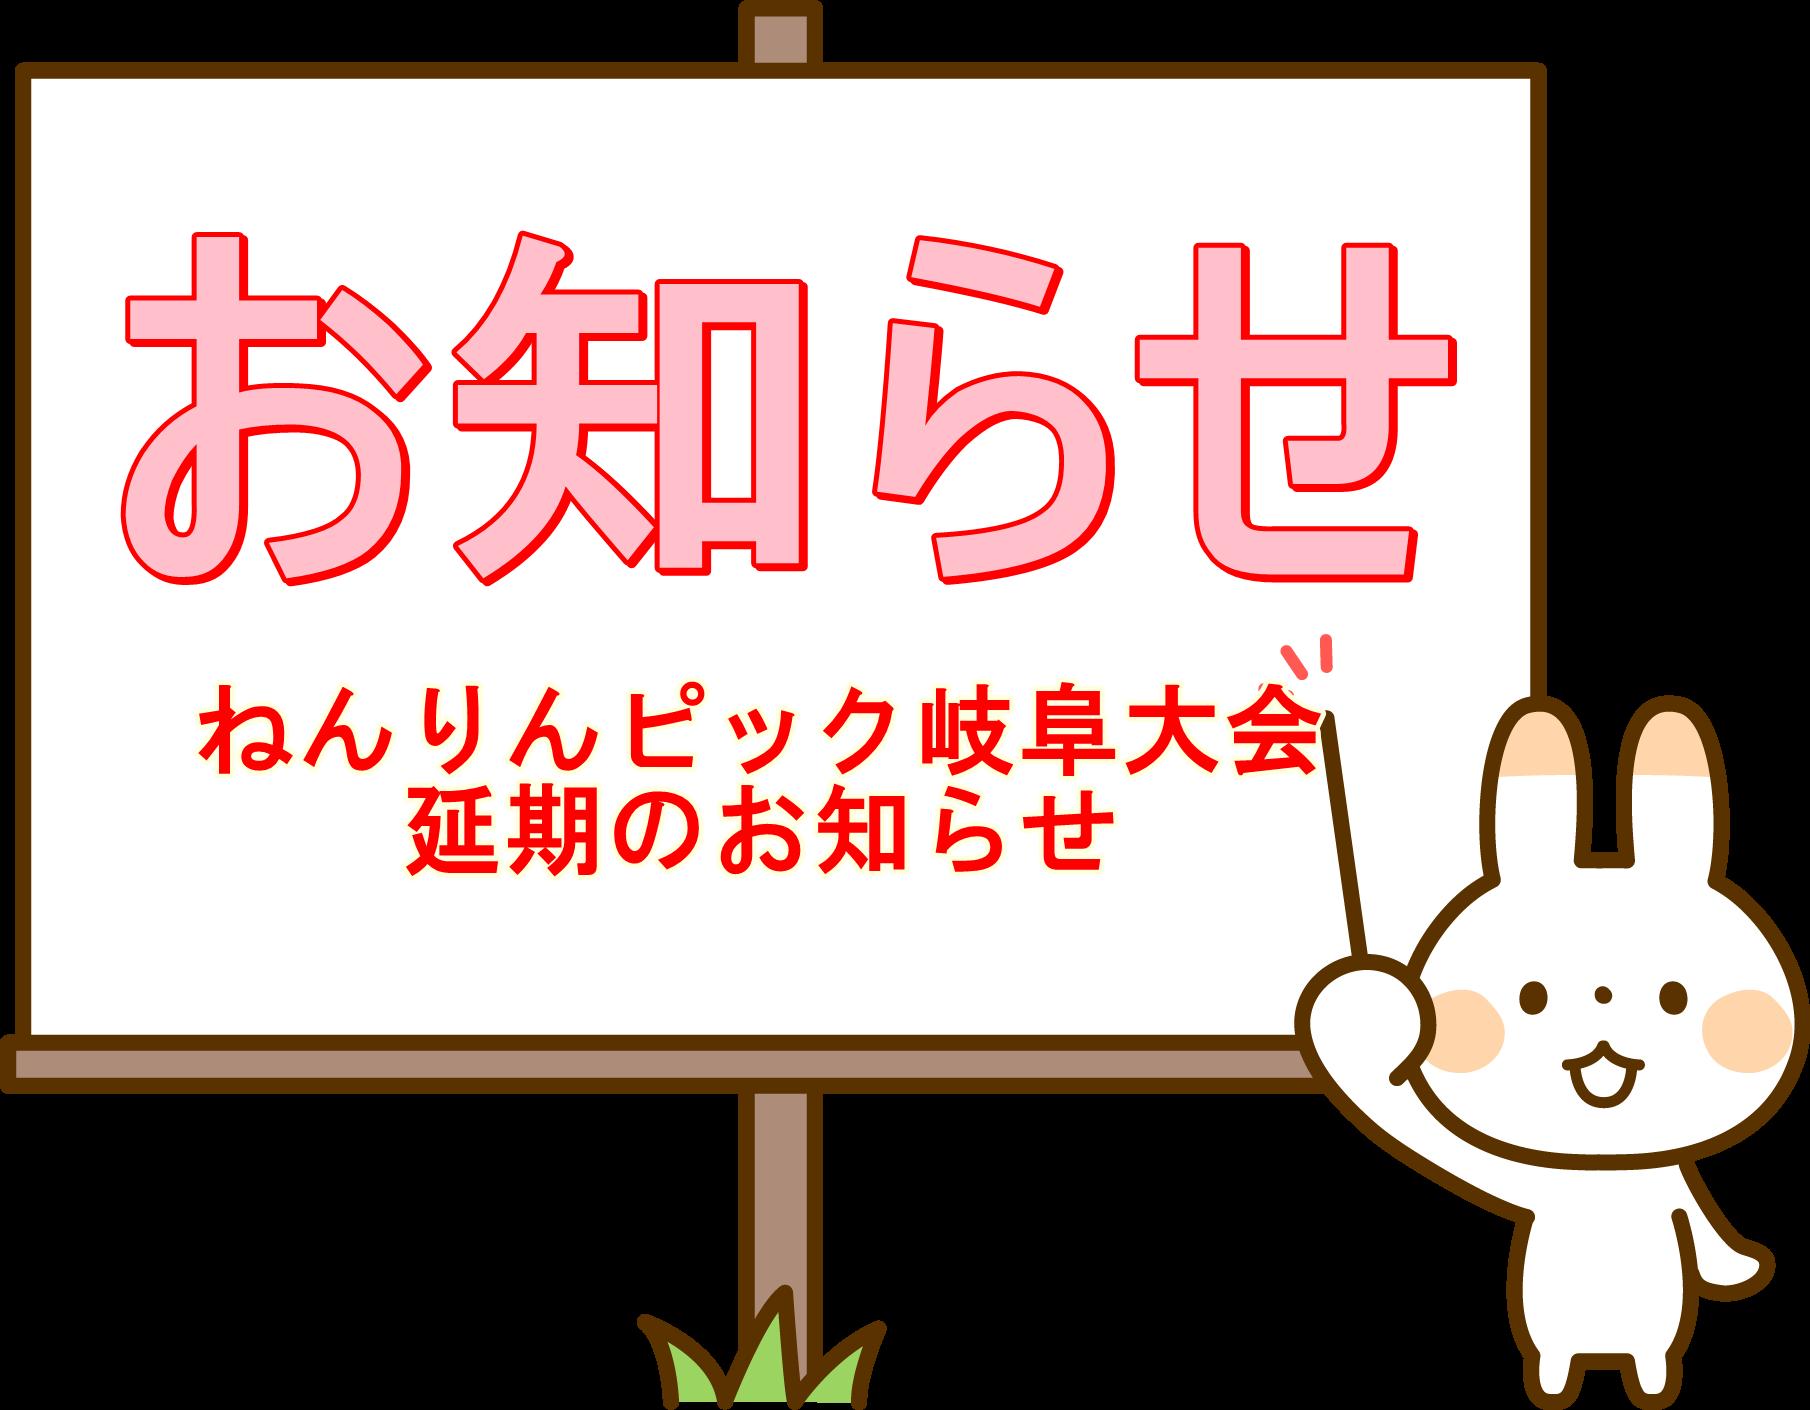 ねんりんピック岐阜大会延期のお知らせ画像